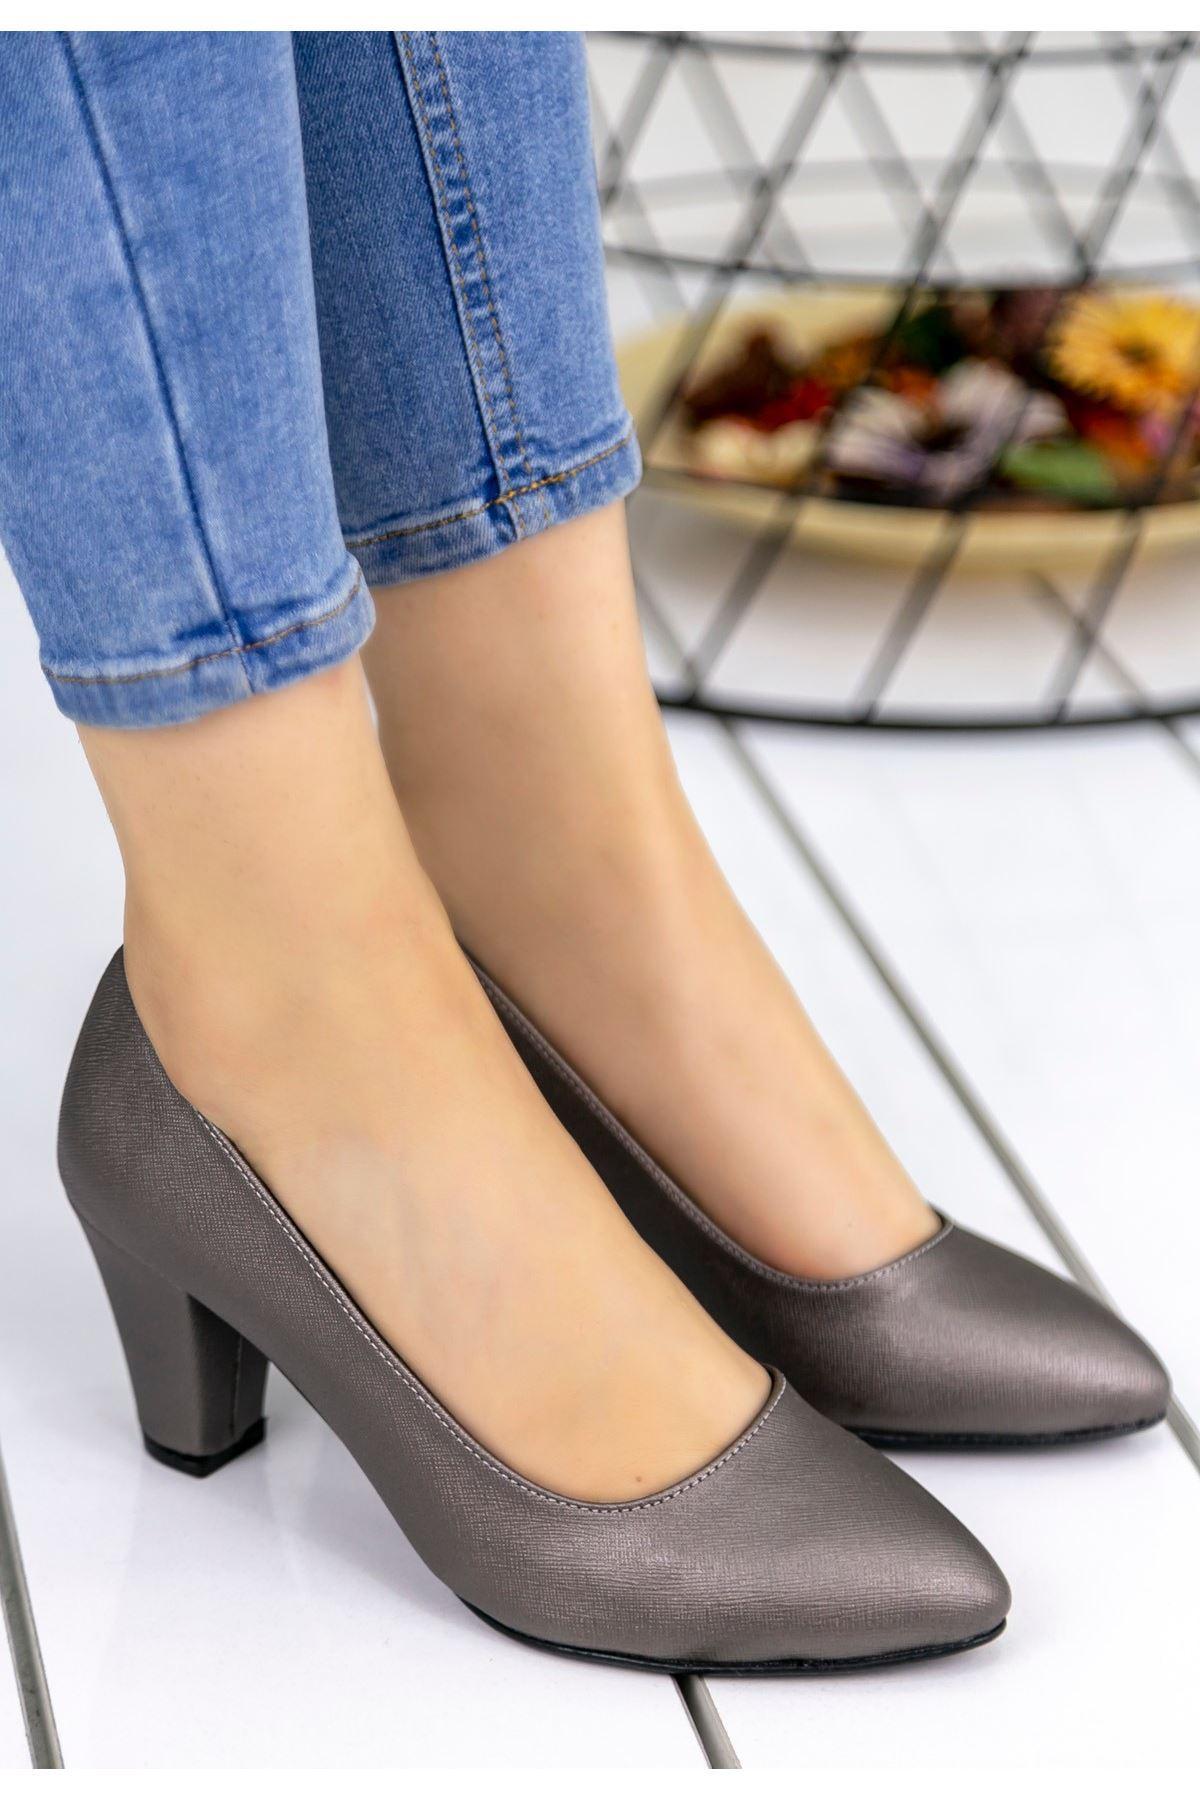 Tacito Platin Cilt Topuklu Ayakkabı